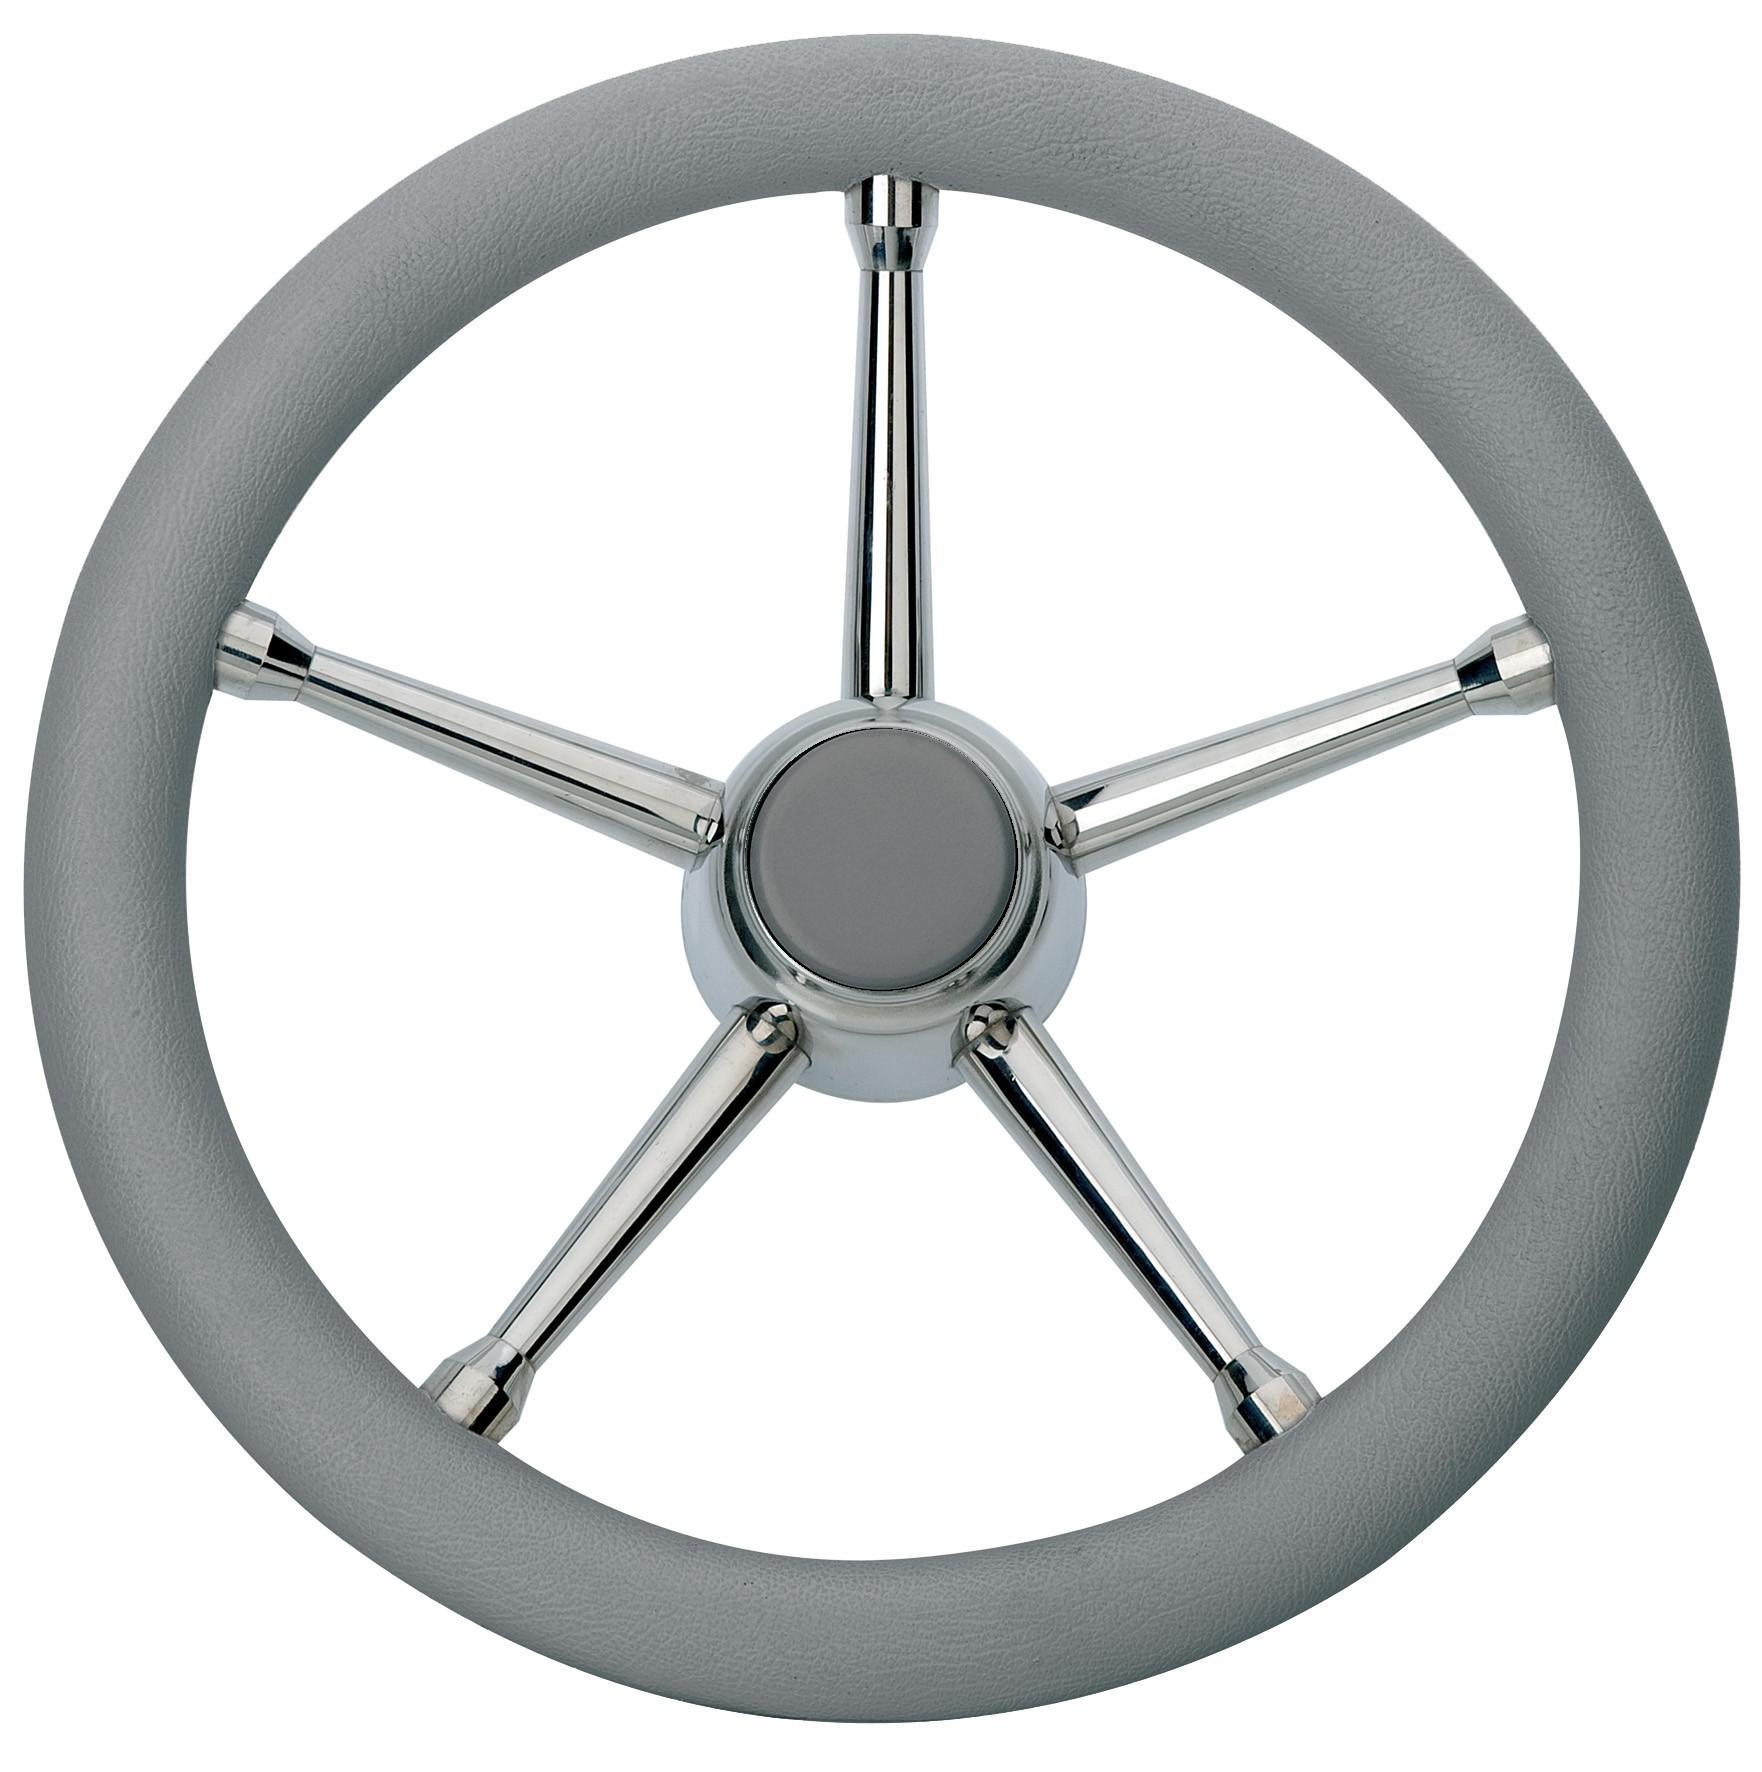 103.07 - Τιμόνι Πολυουρεθάνης Με Inox Ακτίνες Χρώμα Γκρι Ø350mm